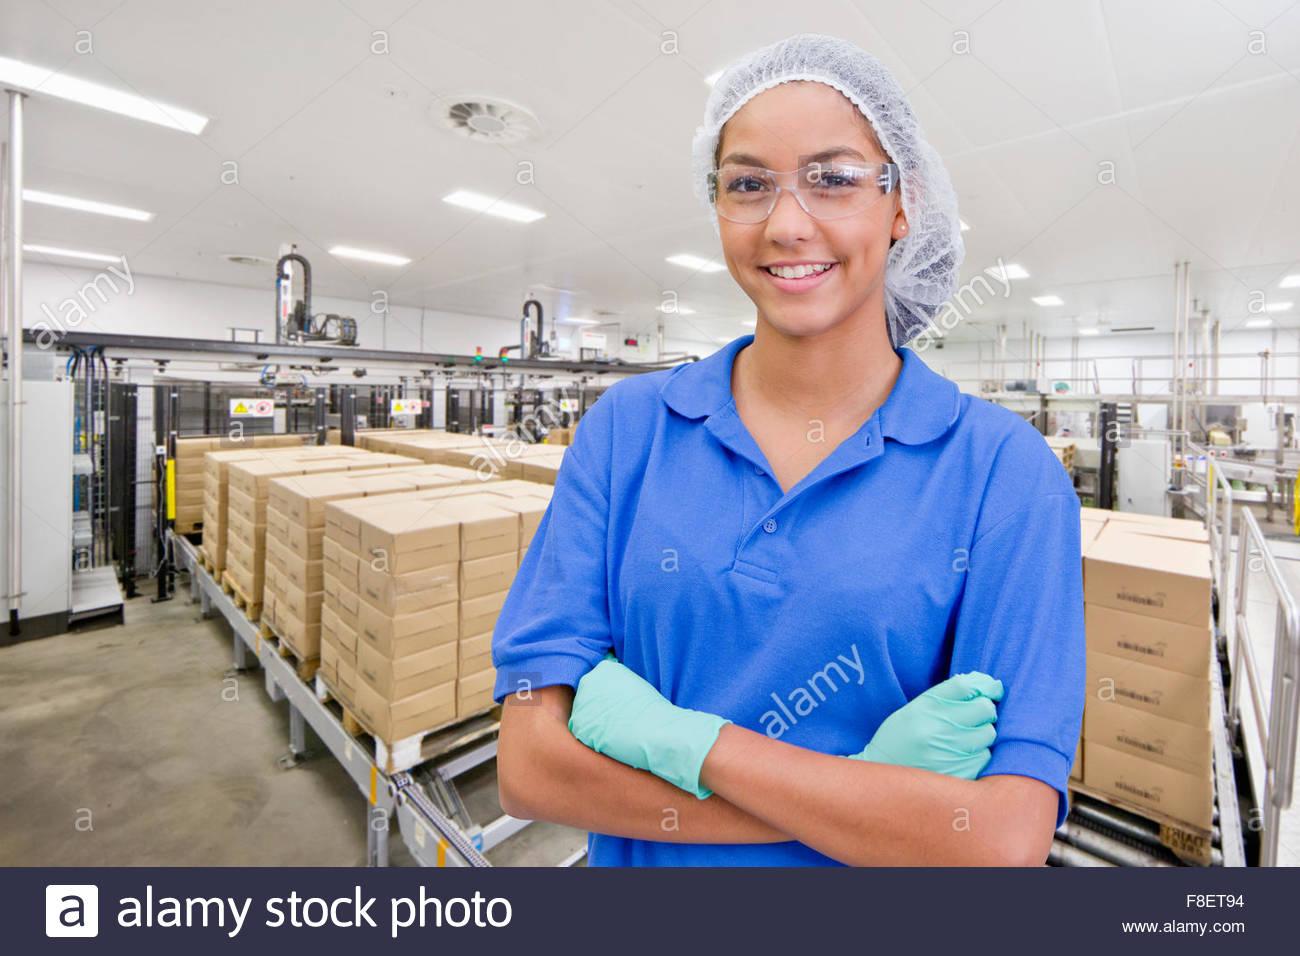 Porträt von lächelnden Worker bei Lebensmittel Verpackung Produktionslinie Stockbild